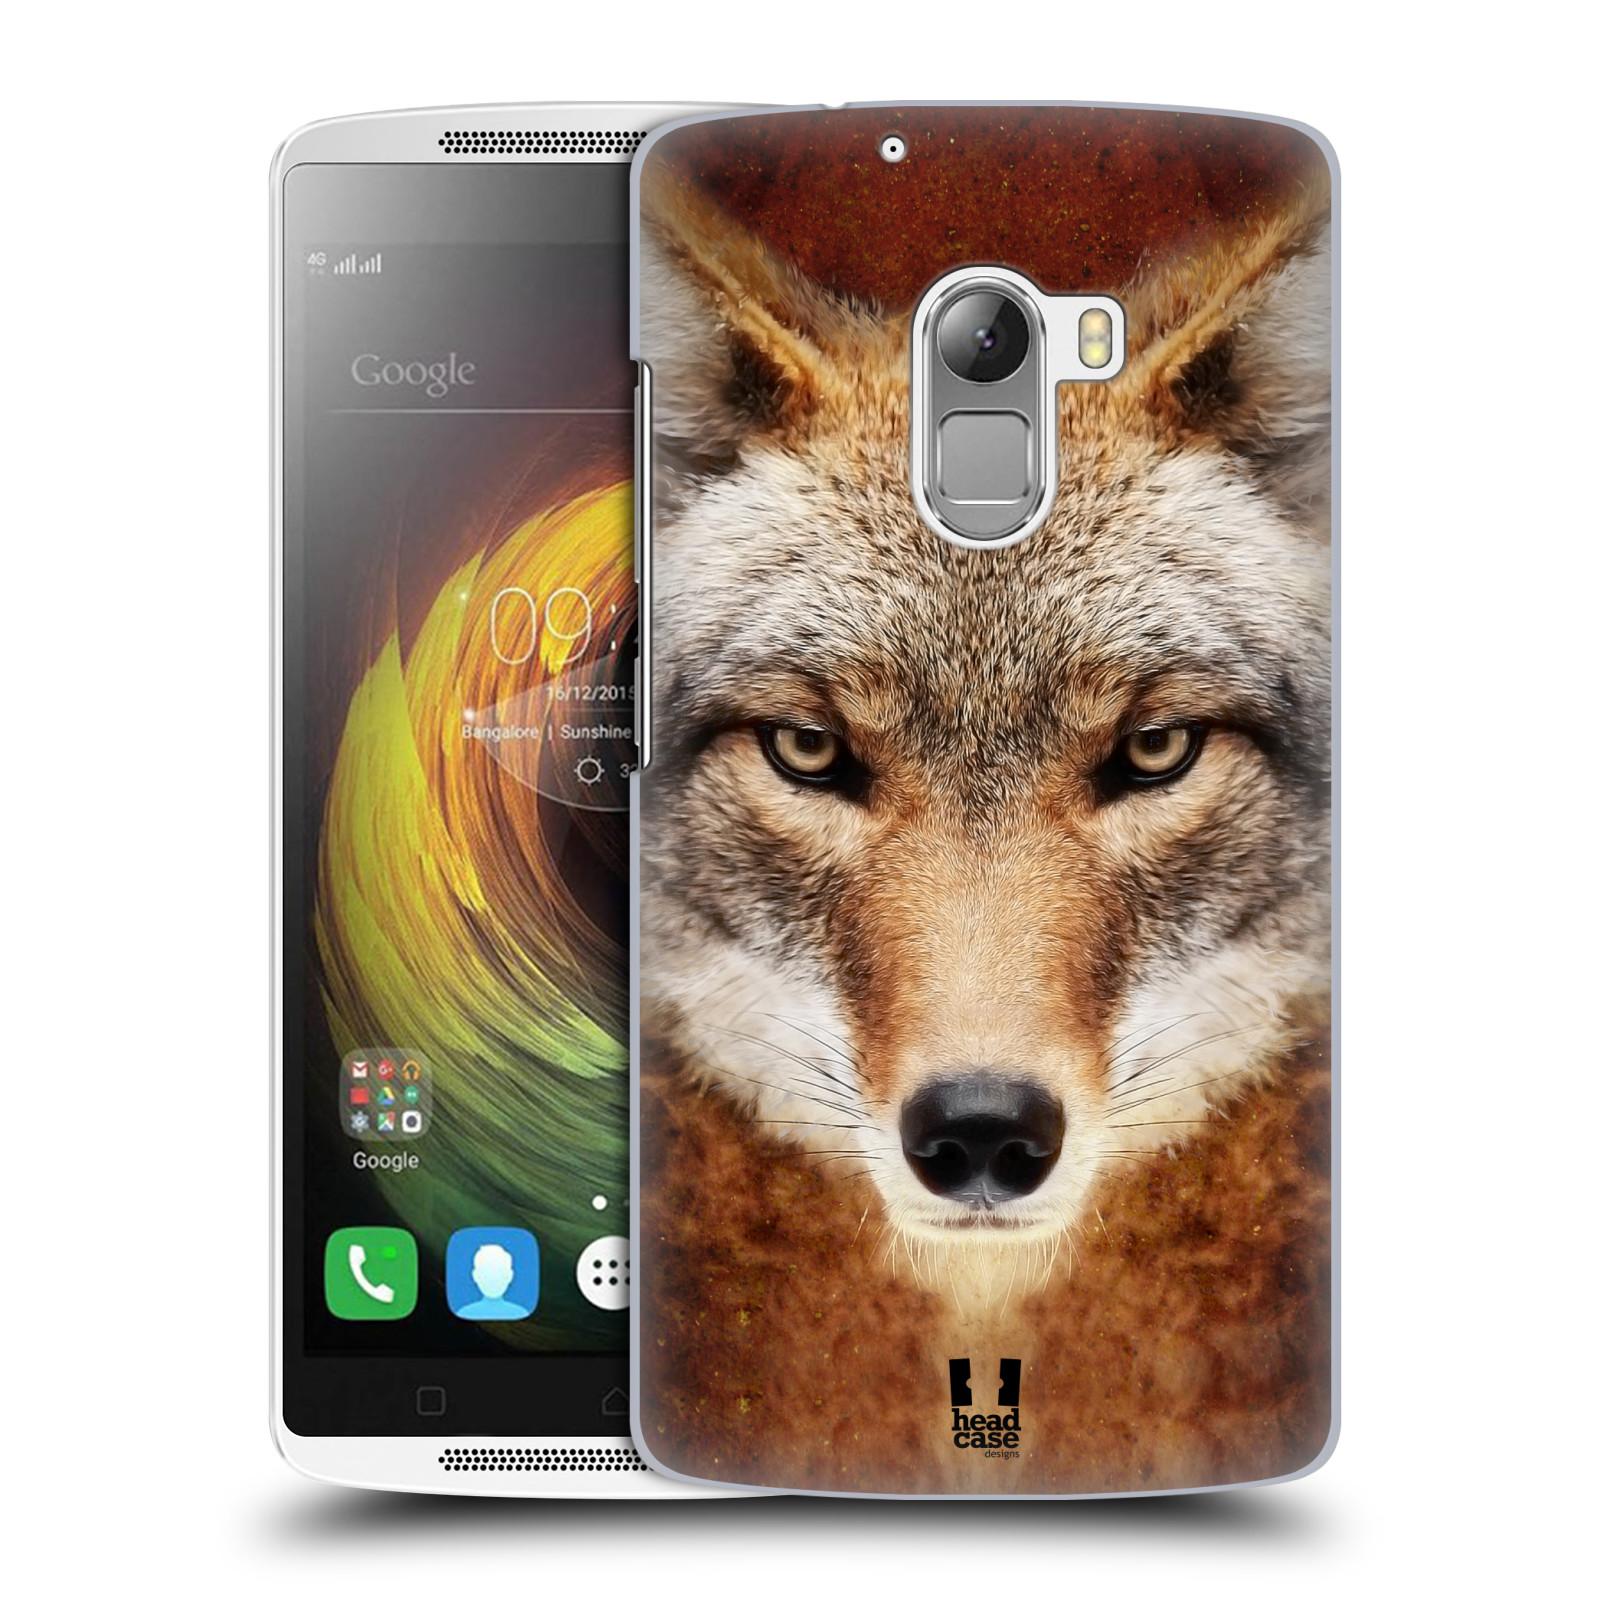 HEAD CASE pevný plastový obal na mobil LENOVO A7010 / A7010 DUAL / K4 Note / Vibe X3 lite vzor Zvířecí tváře kojot